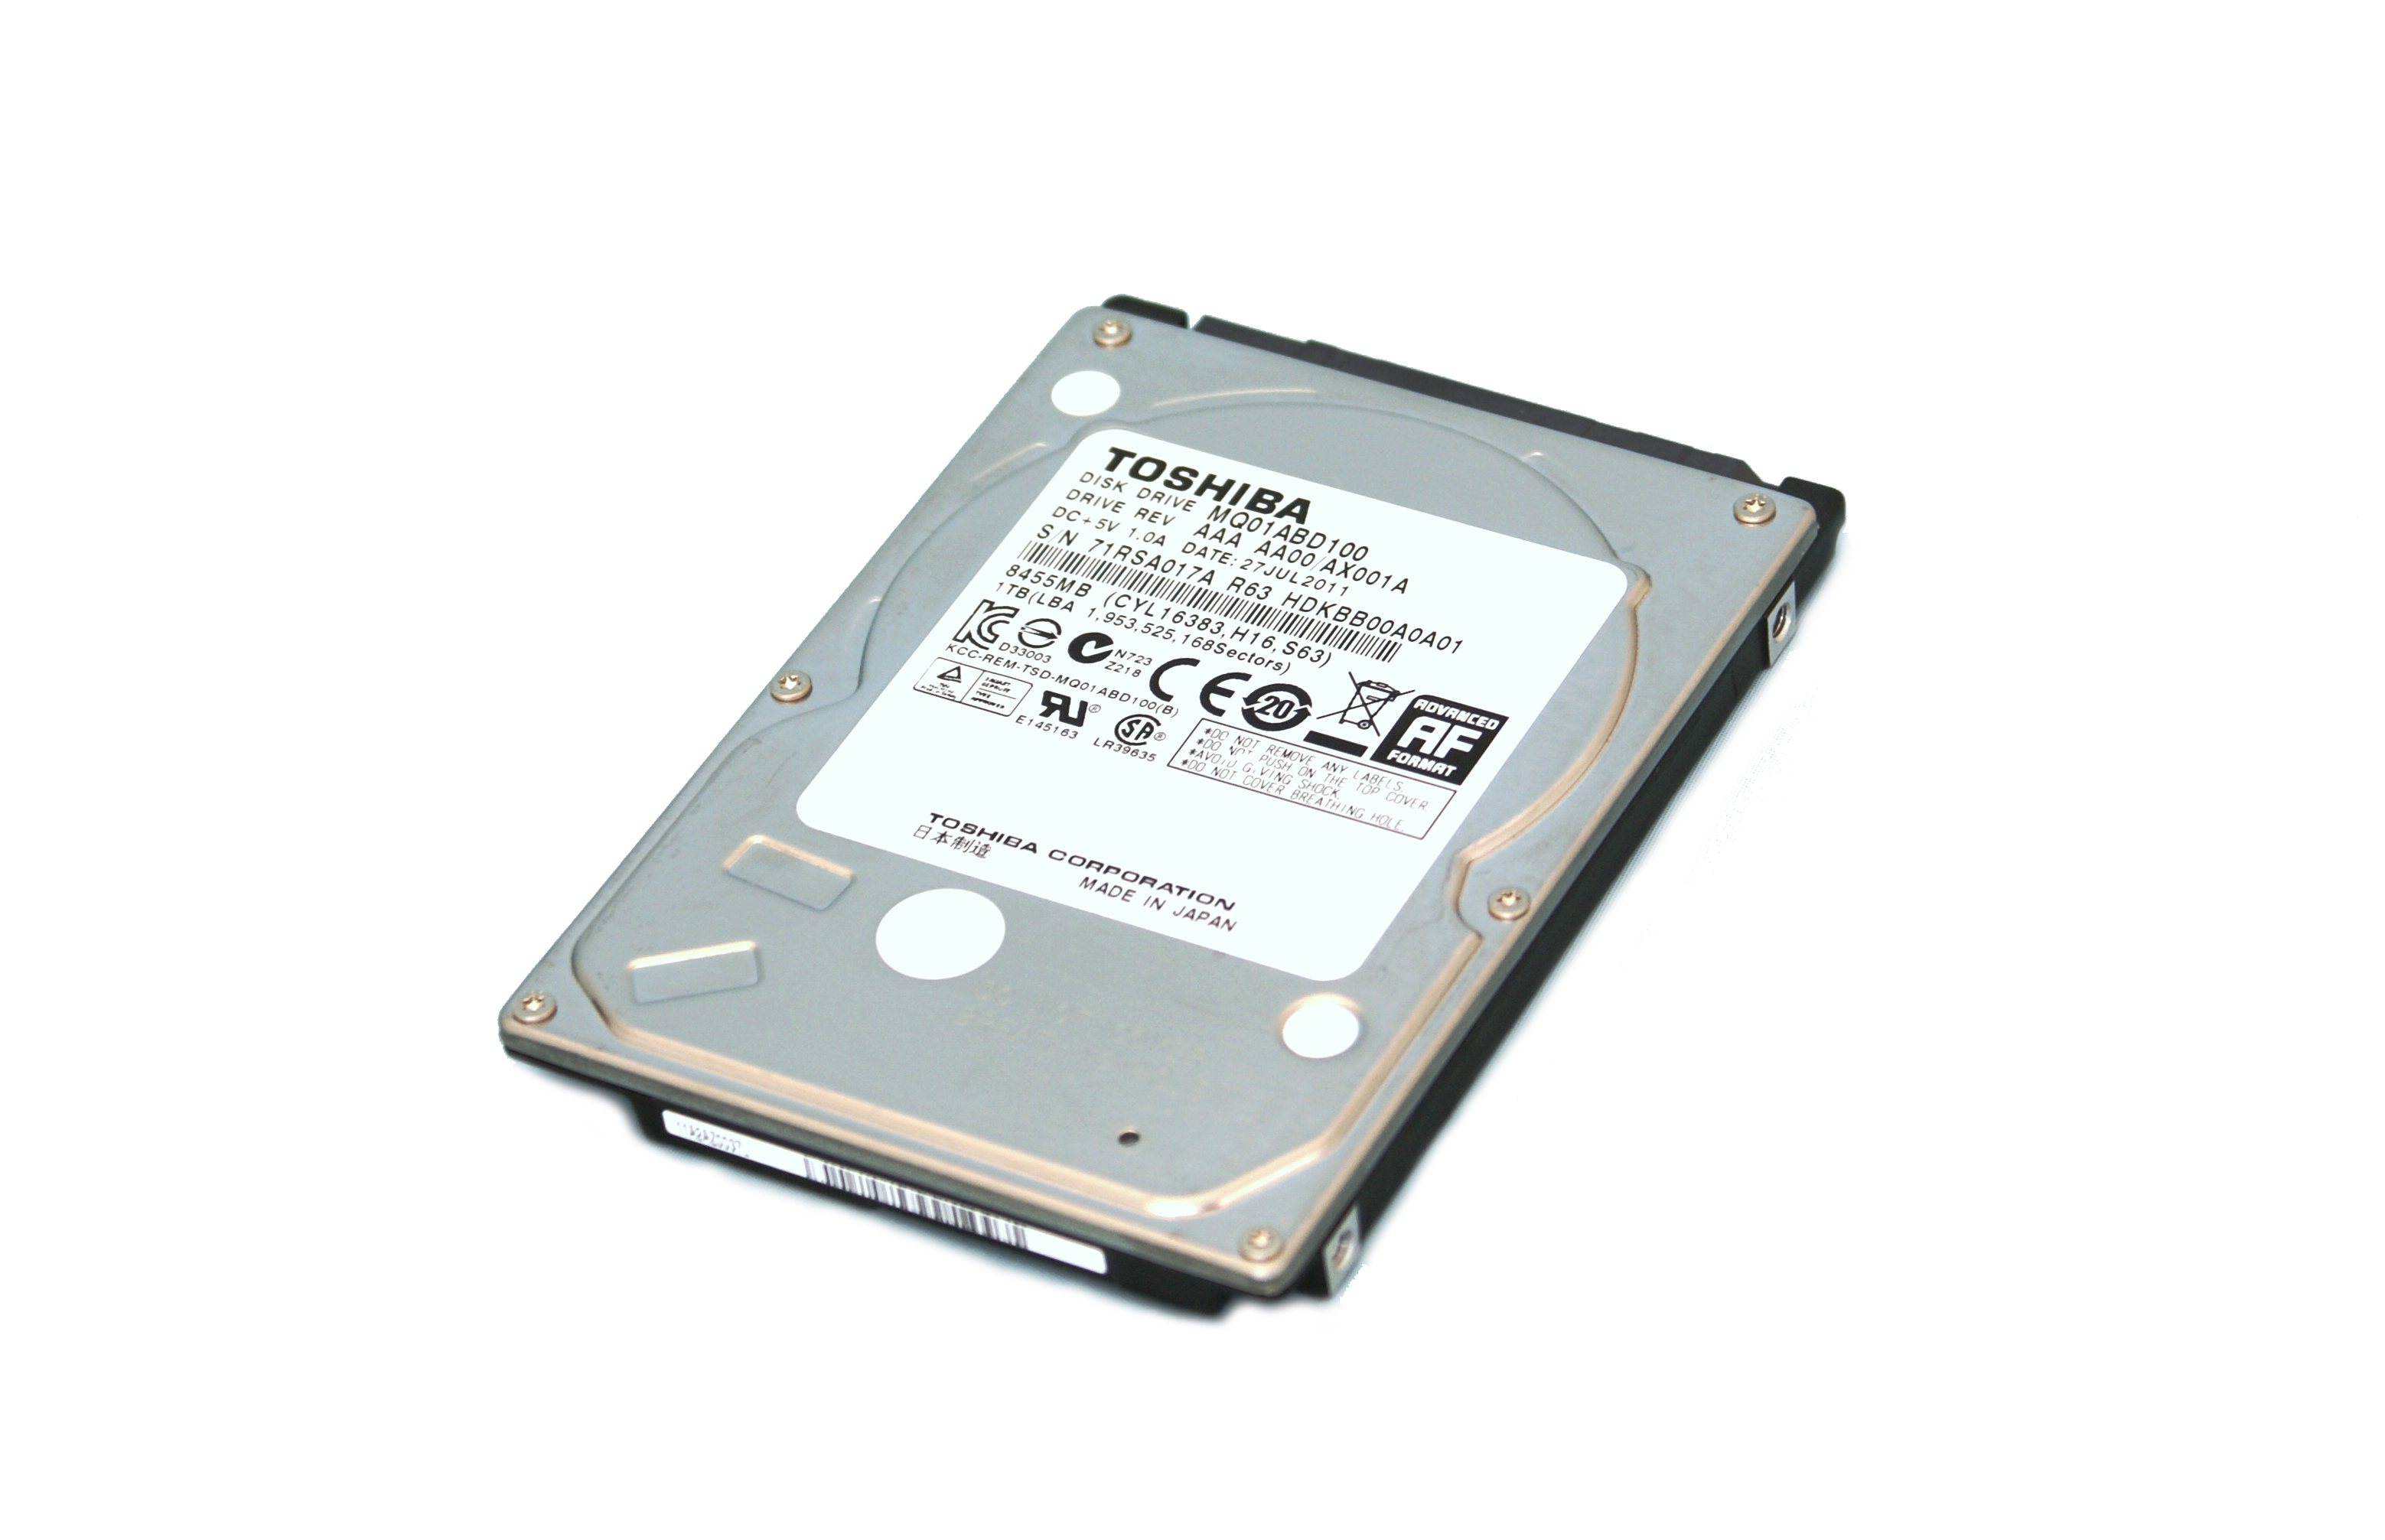 Hard drive - 500 GB - internal - 2.5 inch - SATA 3Gb/s - 5400 rpm - buffer: 8 MB